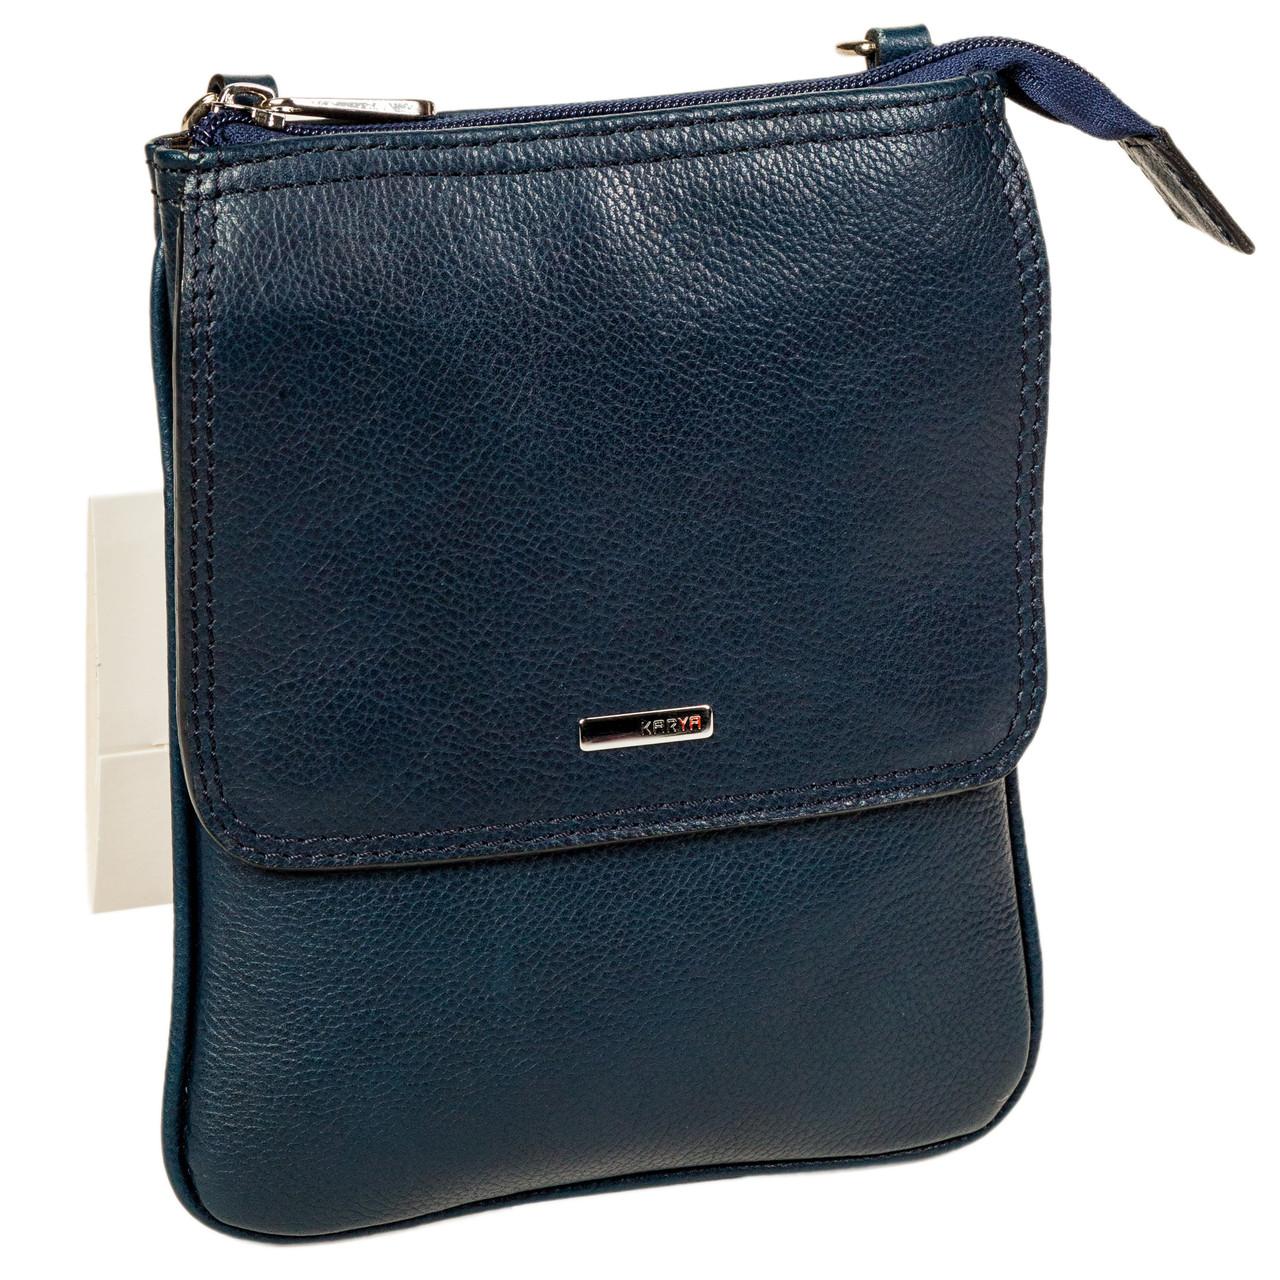 Мужская сумка Karya 0630-44 для документов кожаная синяя